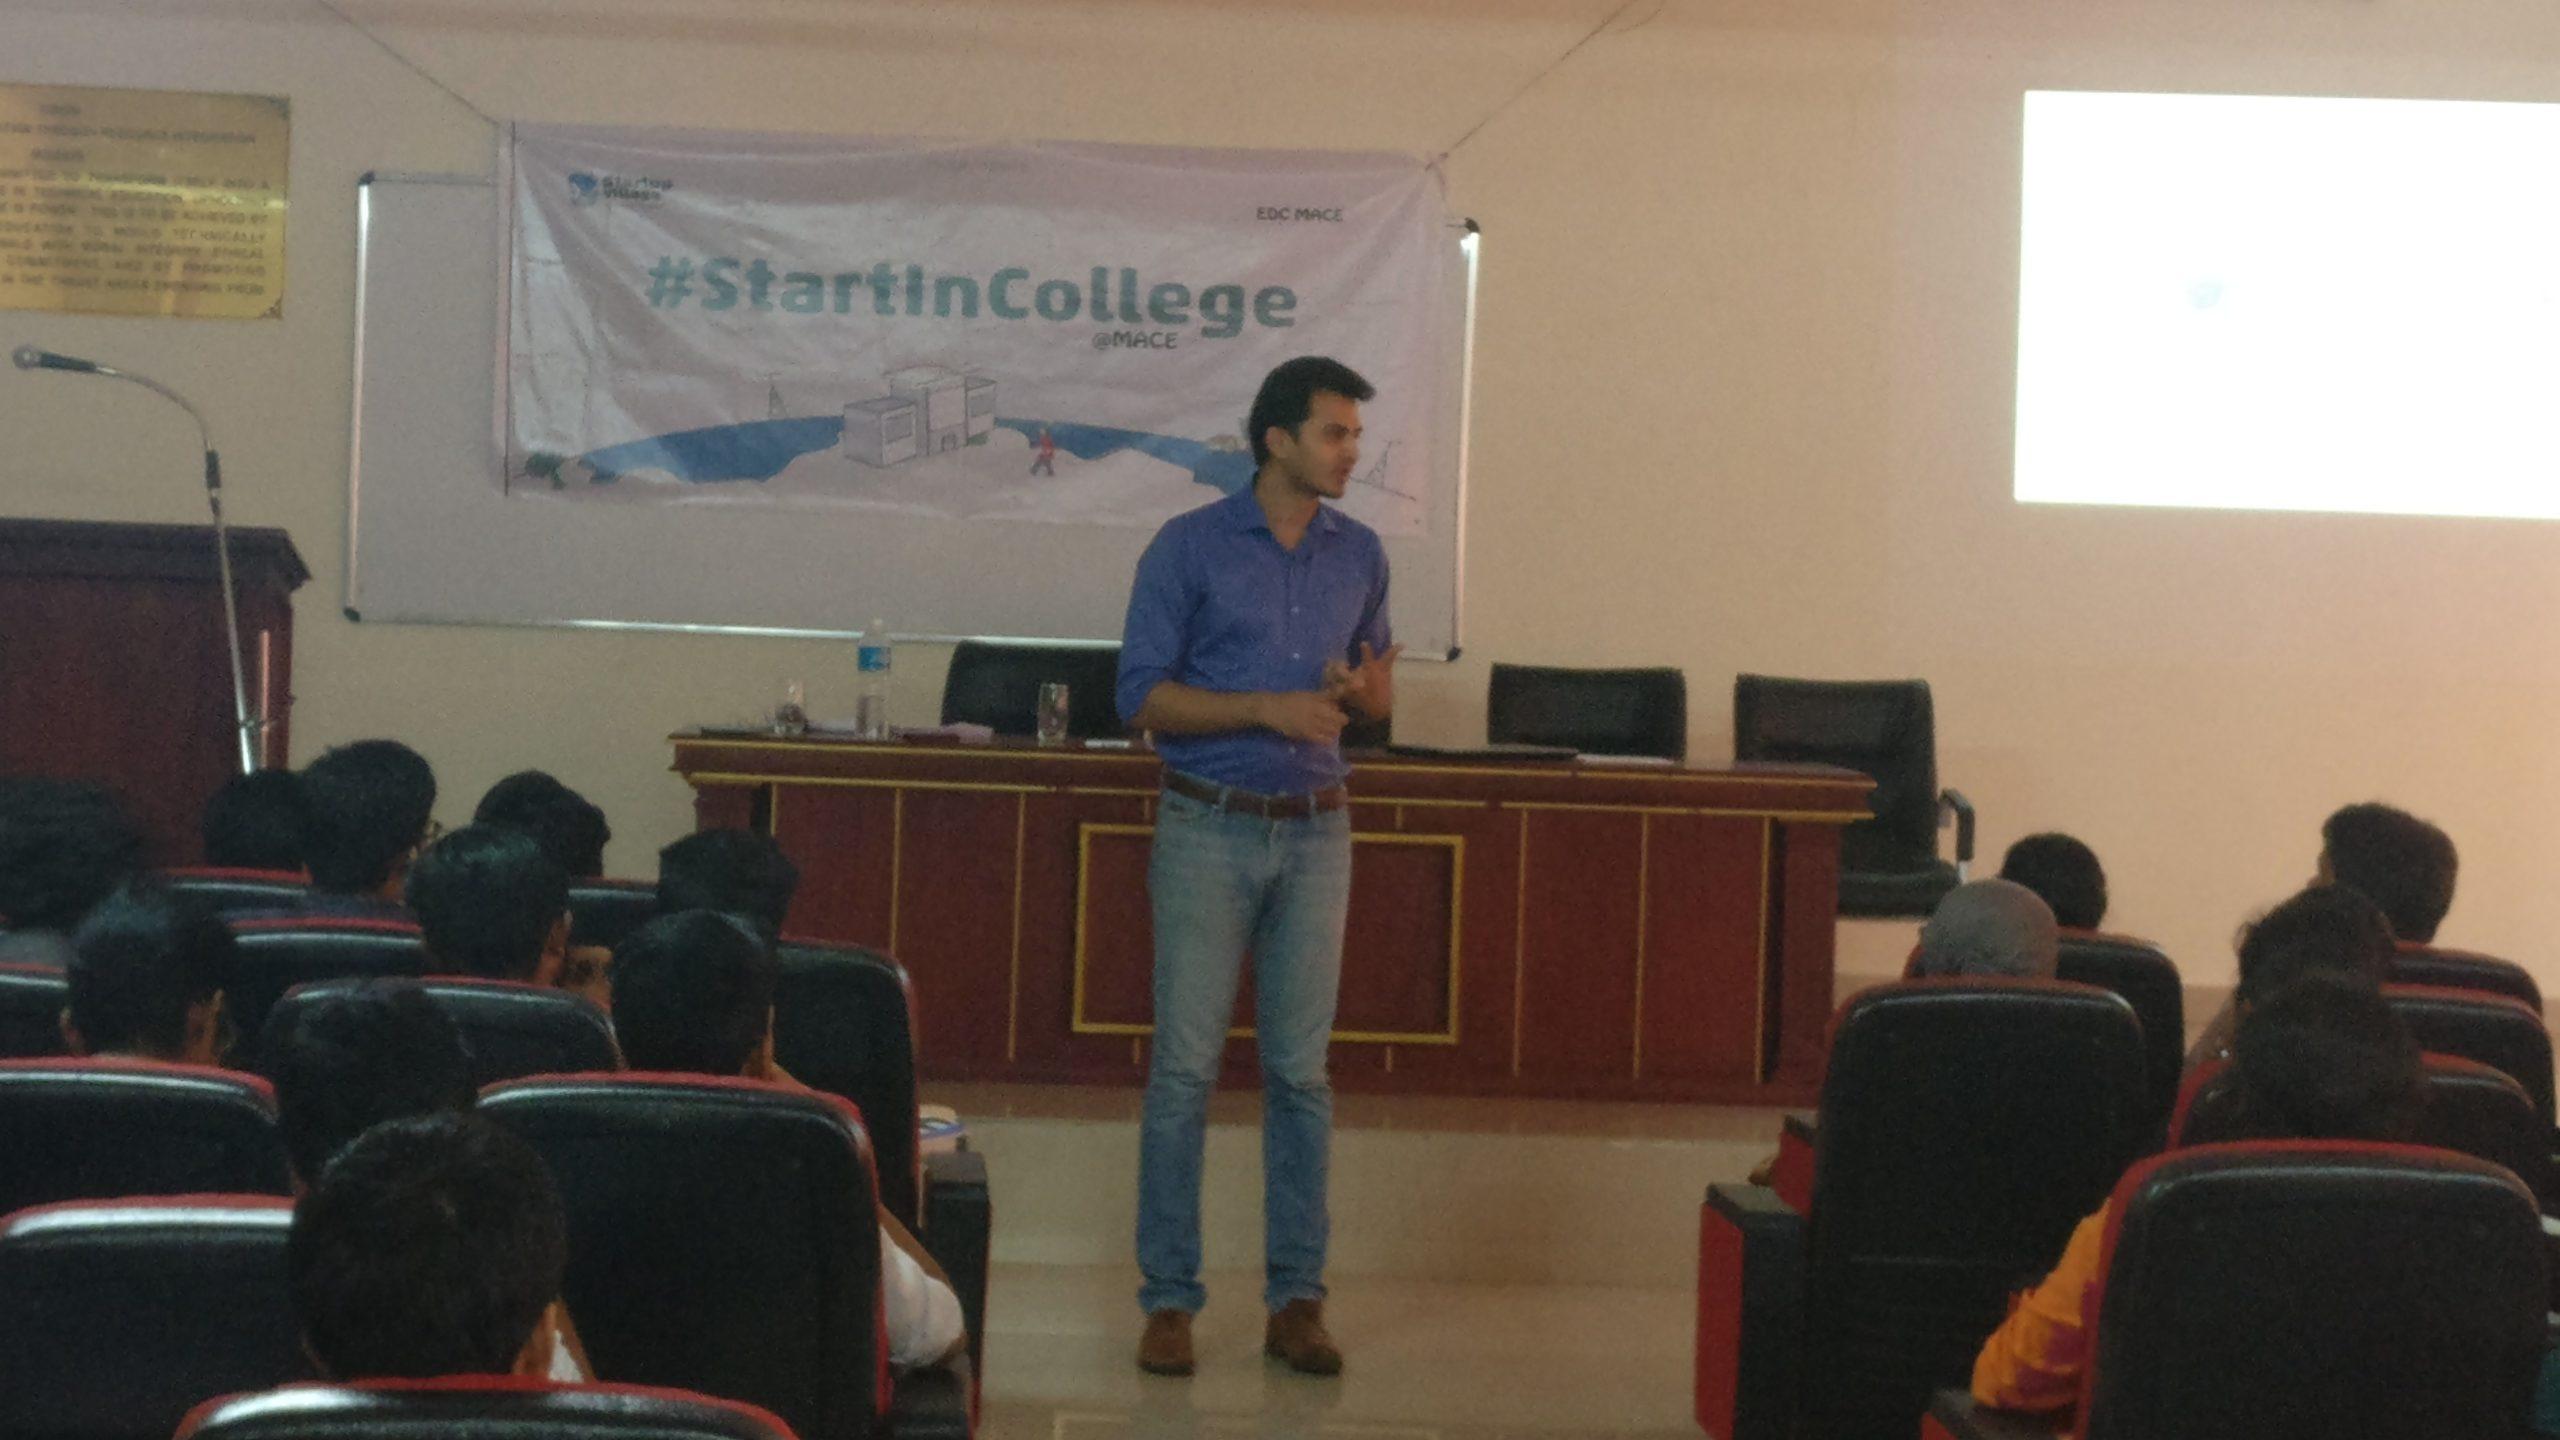 Start in college orientation talk by Sijo Kuruvila